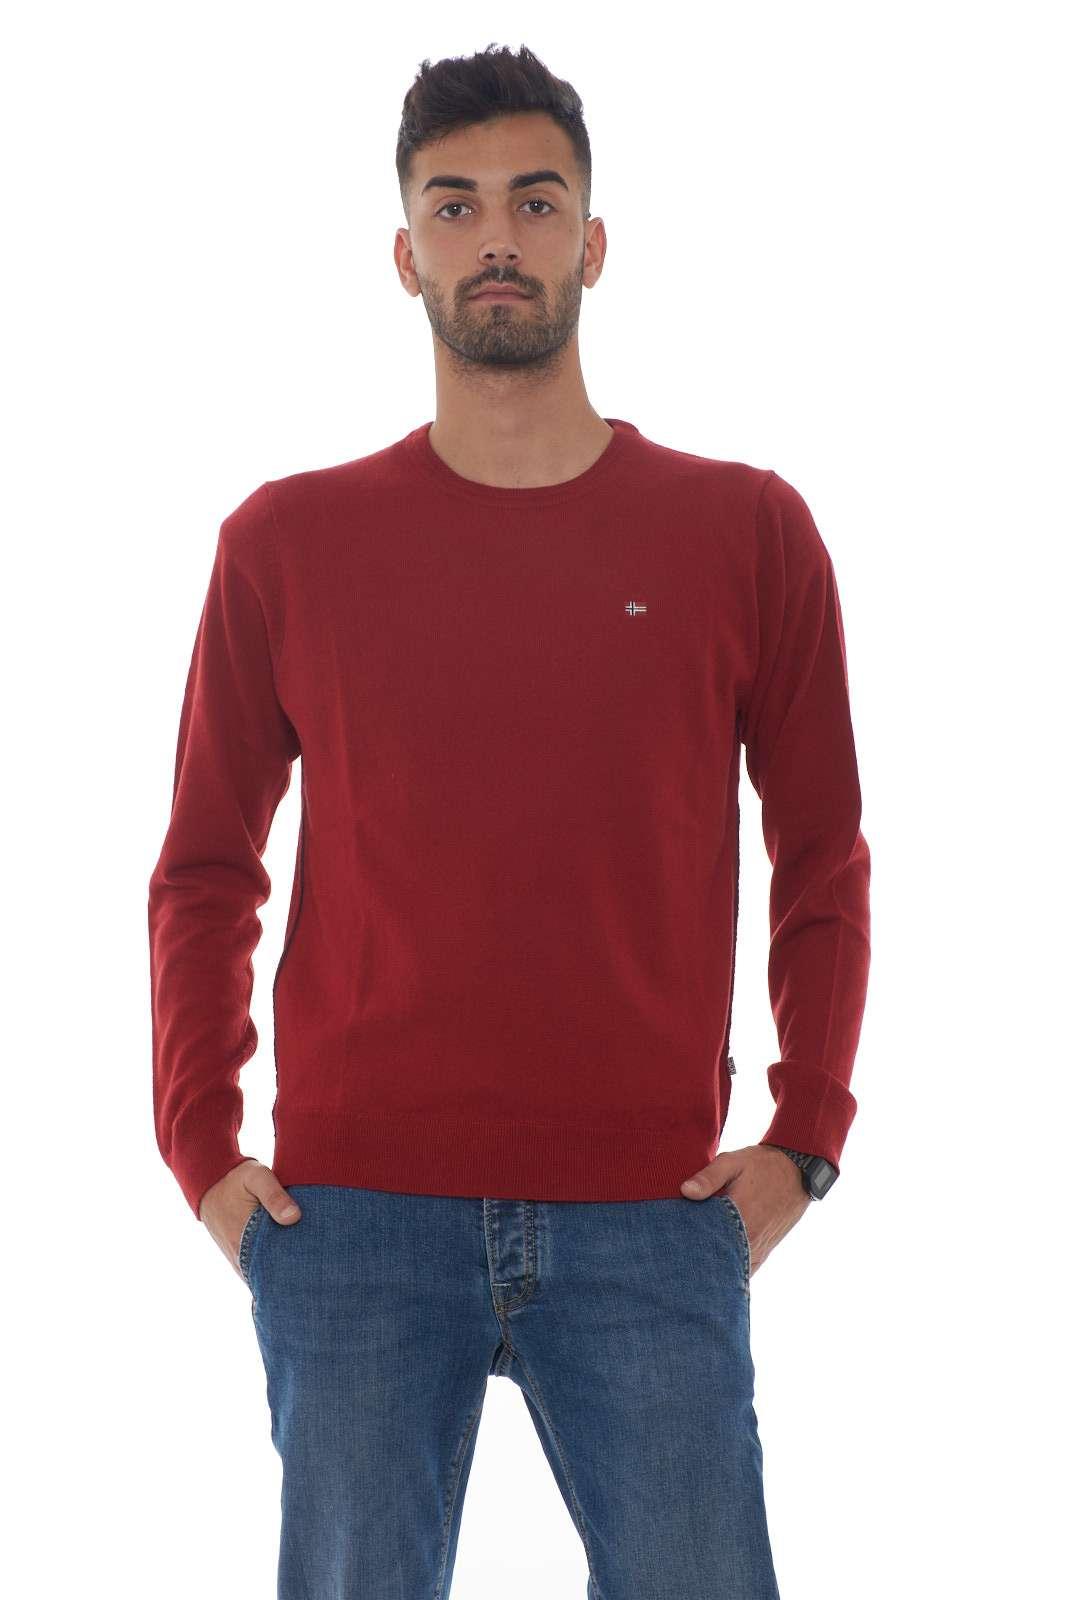 Il meglio della maglieria uomo Napapijri si riversa nella maglia DAMAVAND CREW. Un pratico maglione girocollo dalla colorazione tinta unita perfetto per ogni occasione. Da abbinare ai look più formali si presenta come un capo passe partout iconico. Il modello è alto 1.80 e indossa la taglia M